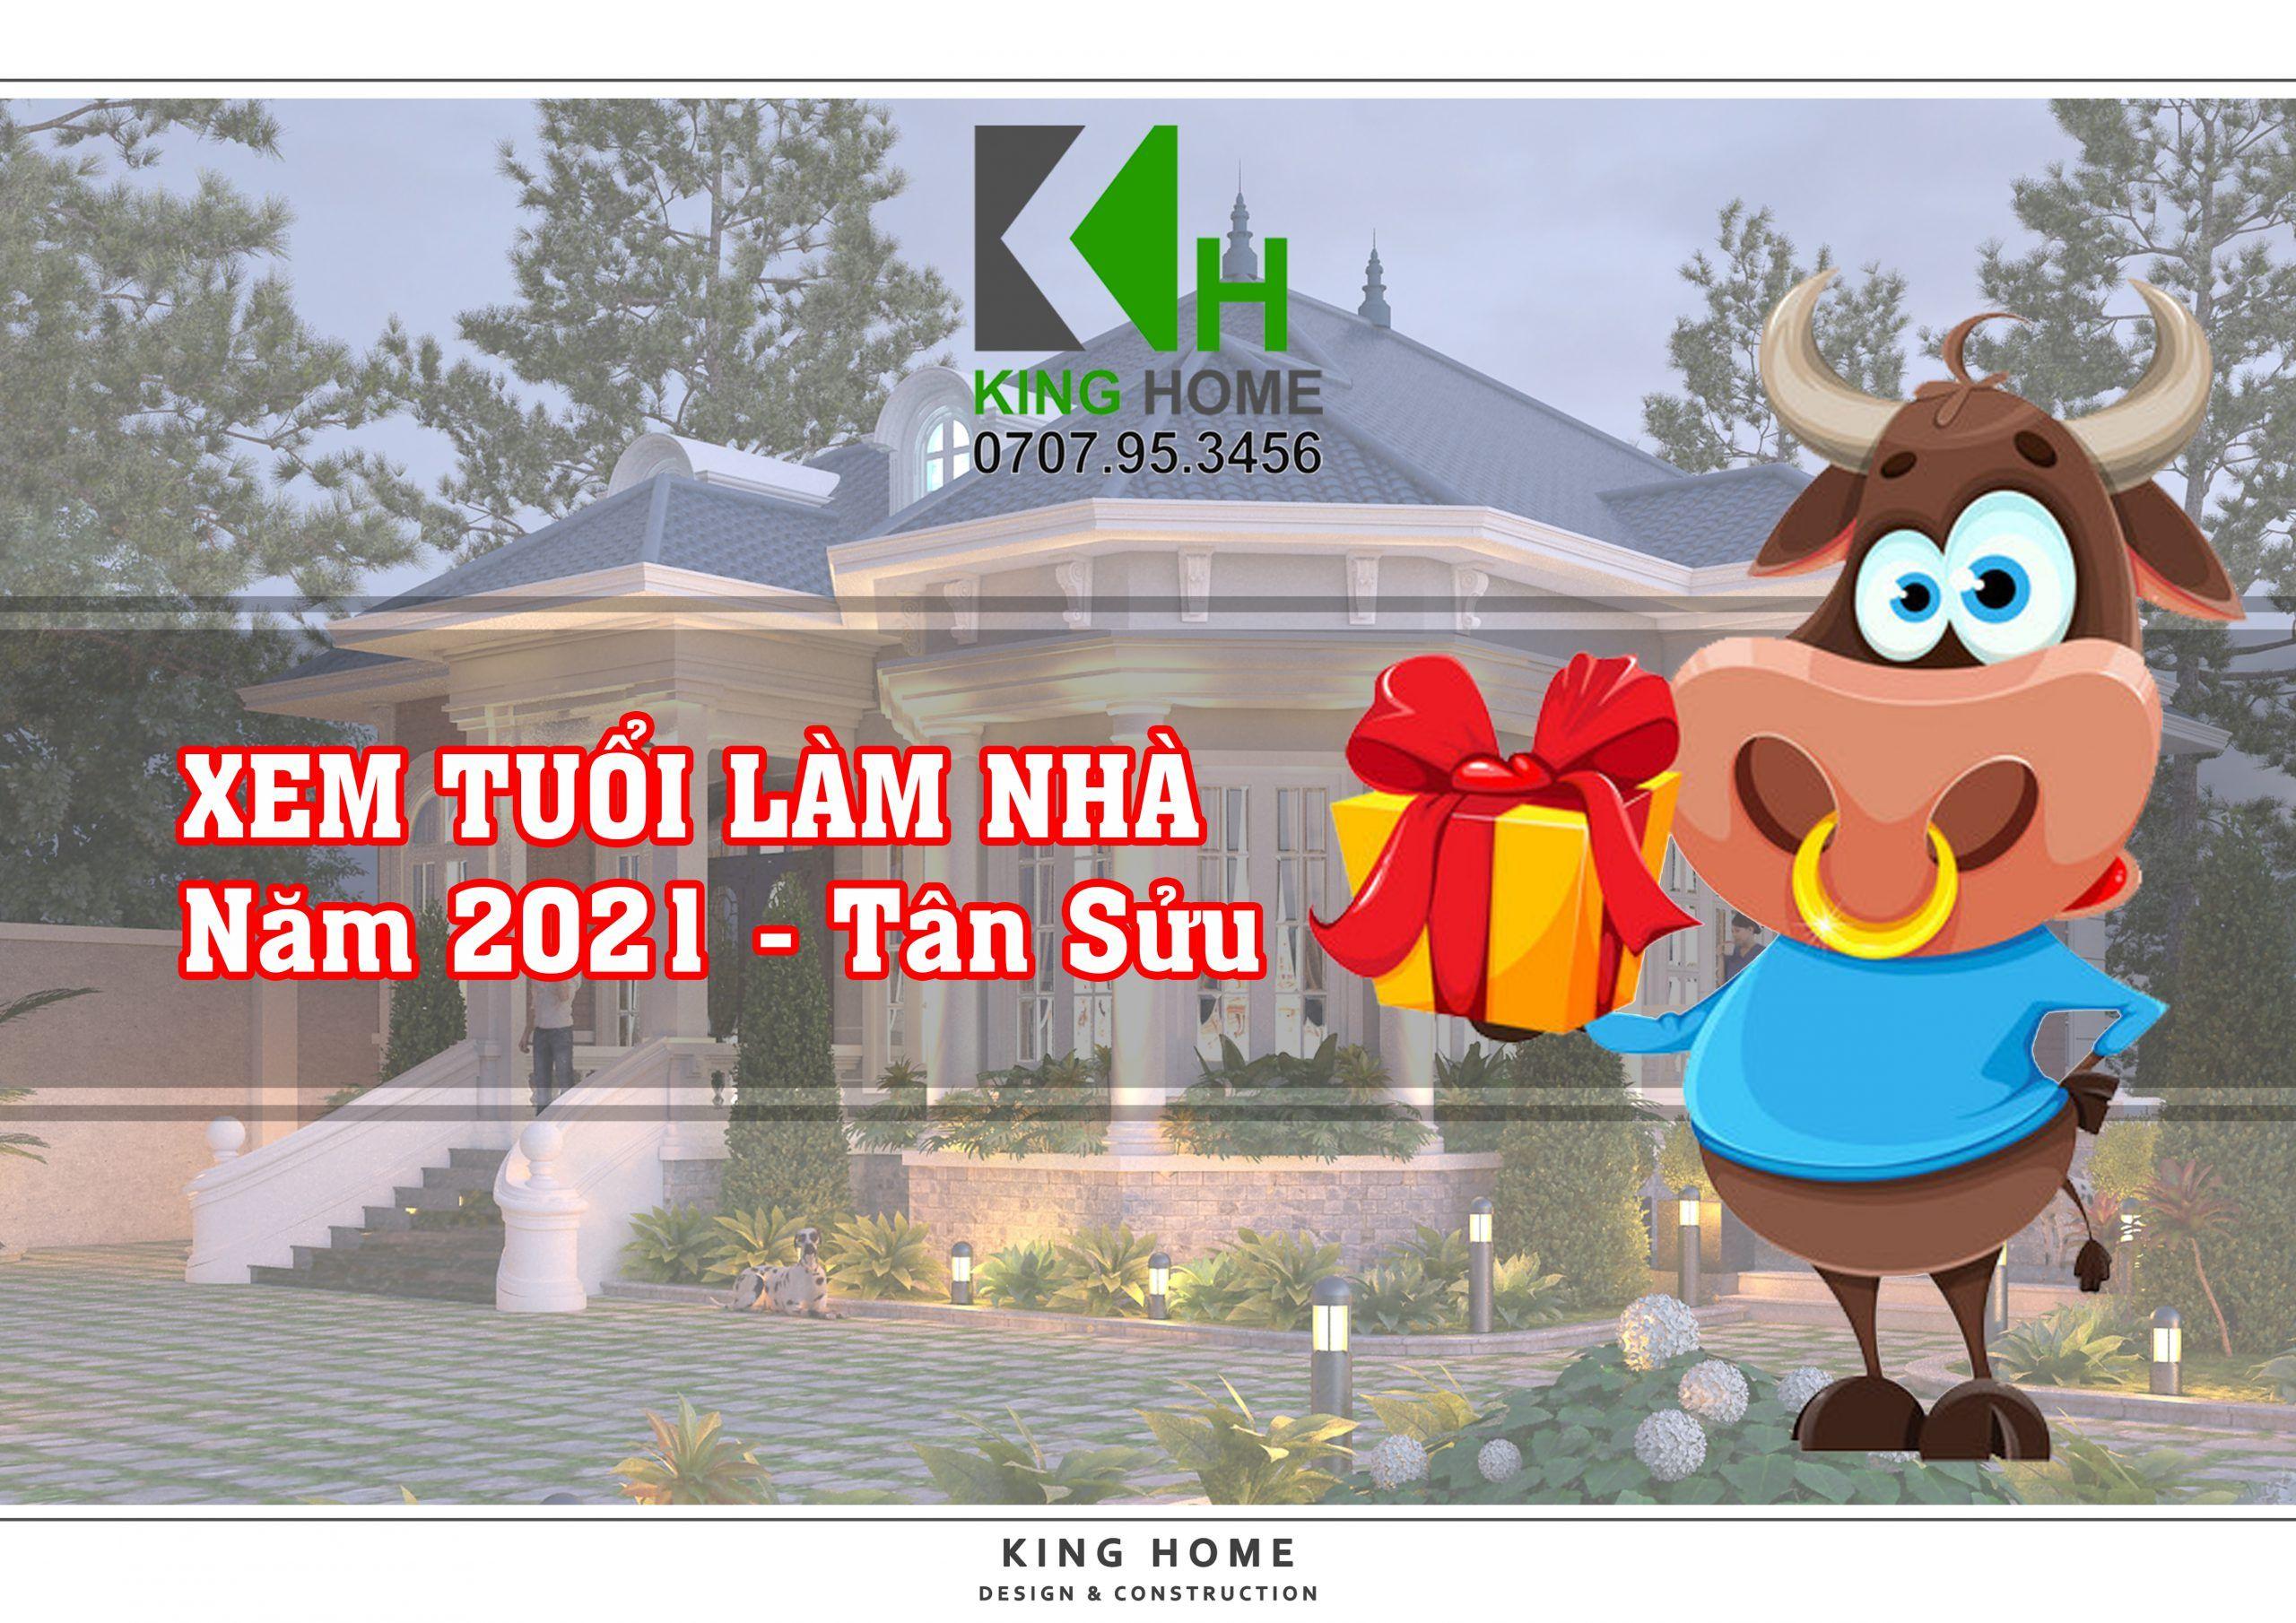 11 tuổi thích hợp xây nhà năm 2021 - Tân Sửu